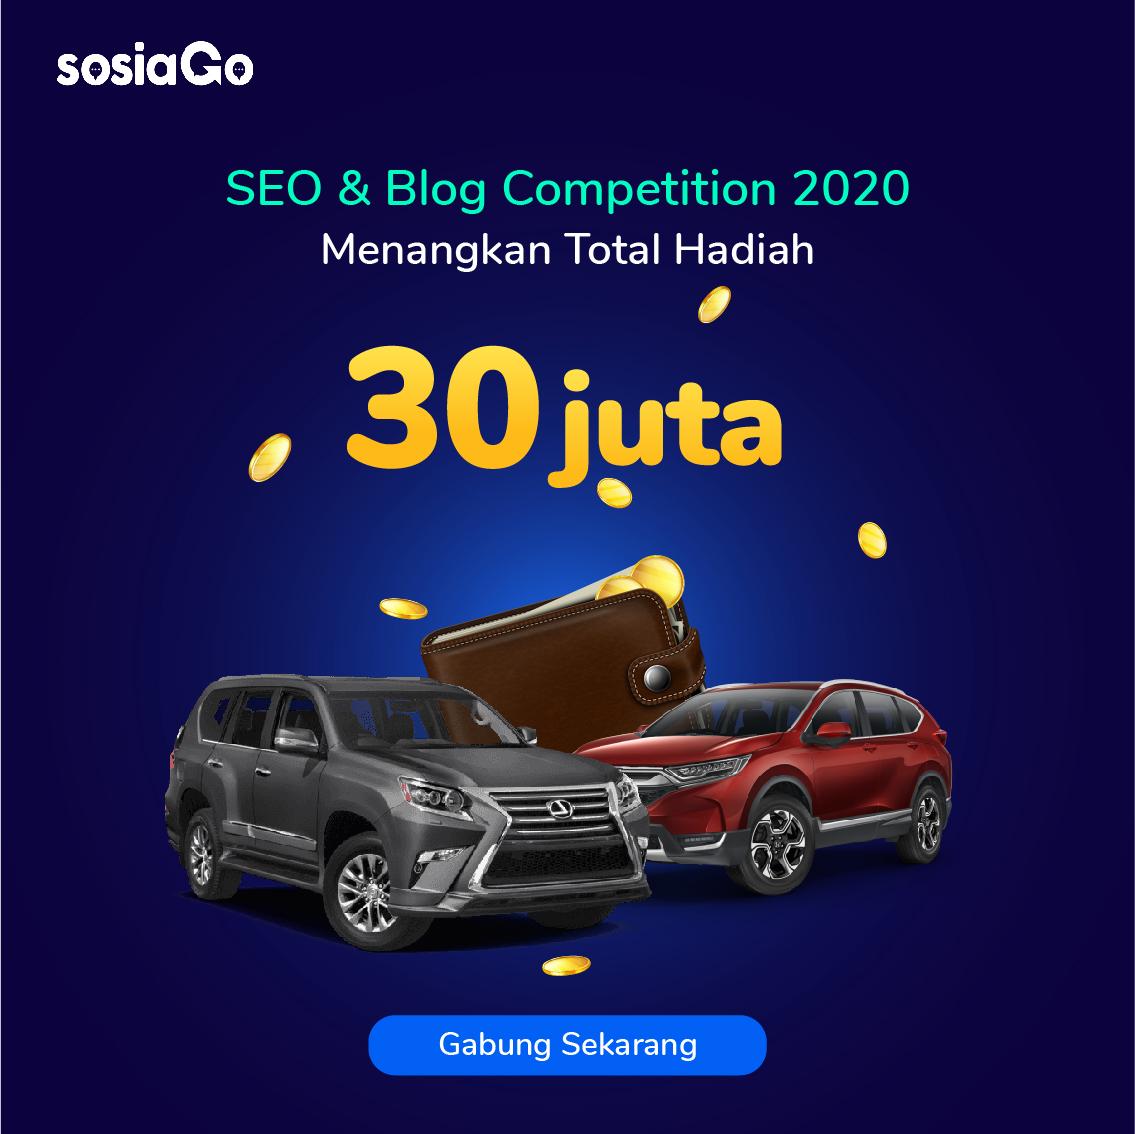 SosiaGo-SEVA-SEO-Banner